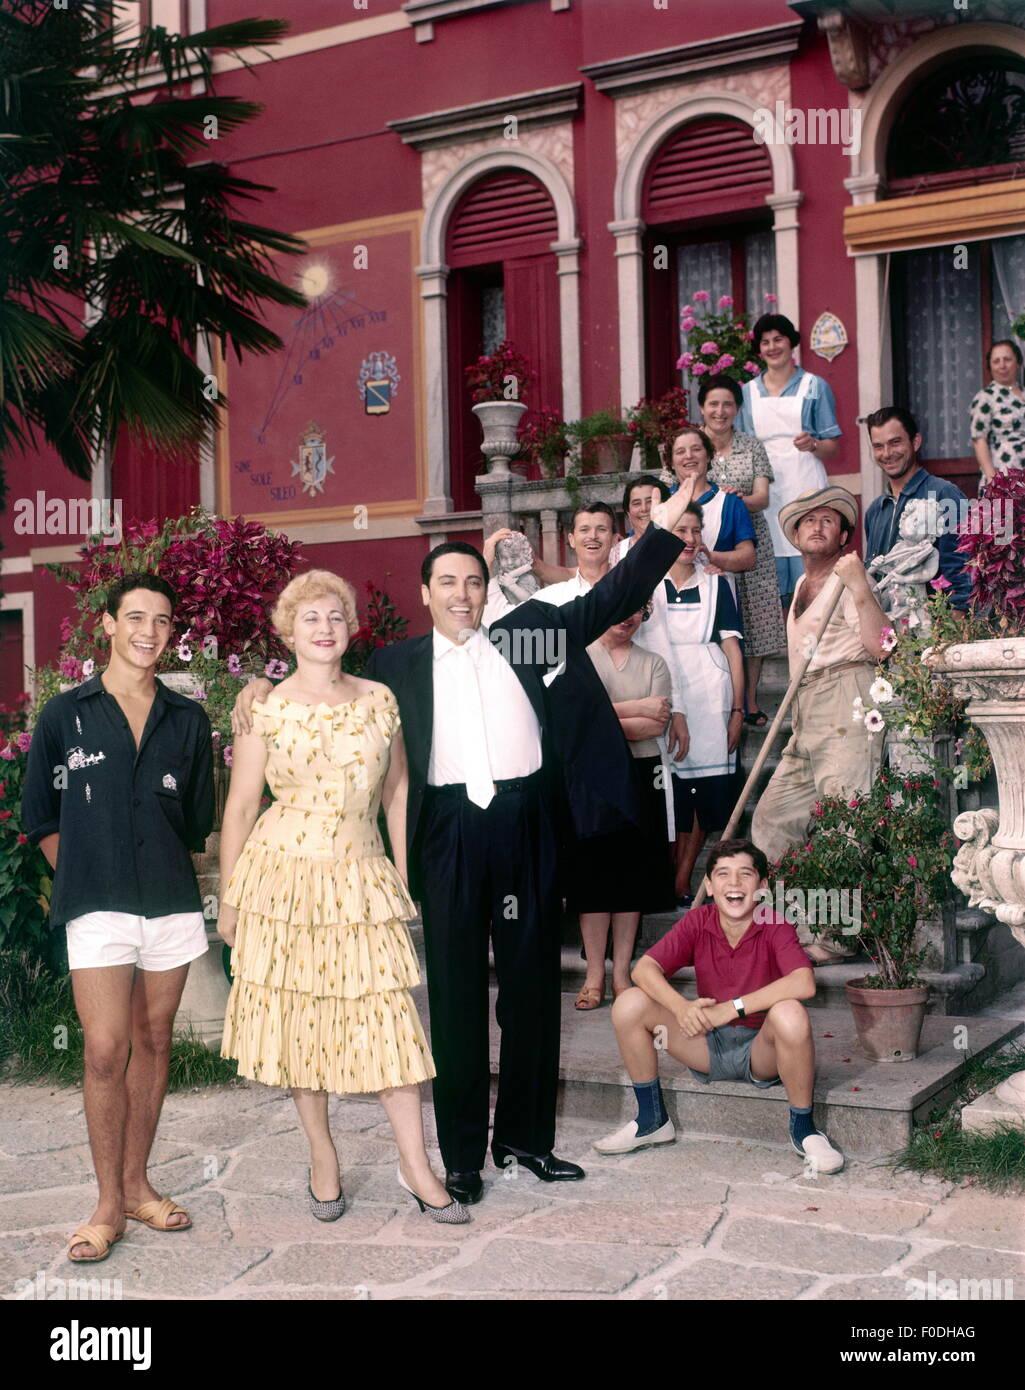 Mario del Monaco, 27.7.1915 - 16.10.1982, le chanteur italien (ténor), demi-longueur, avec avec Fedora, fils Photo Stock